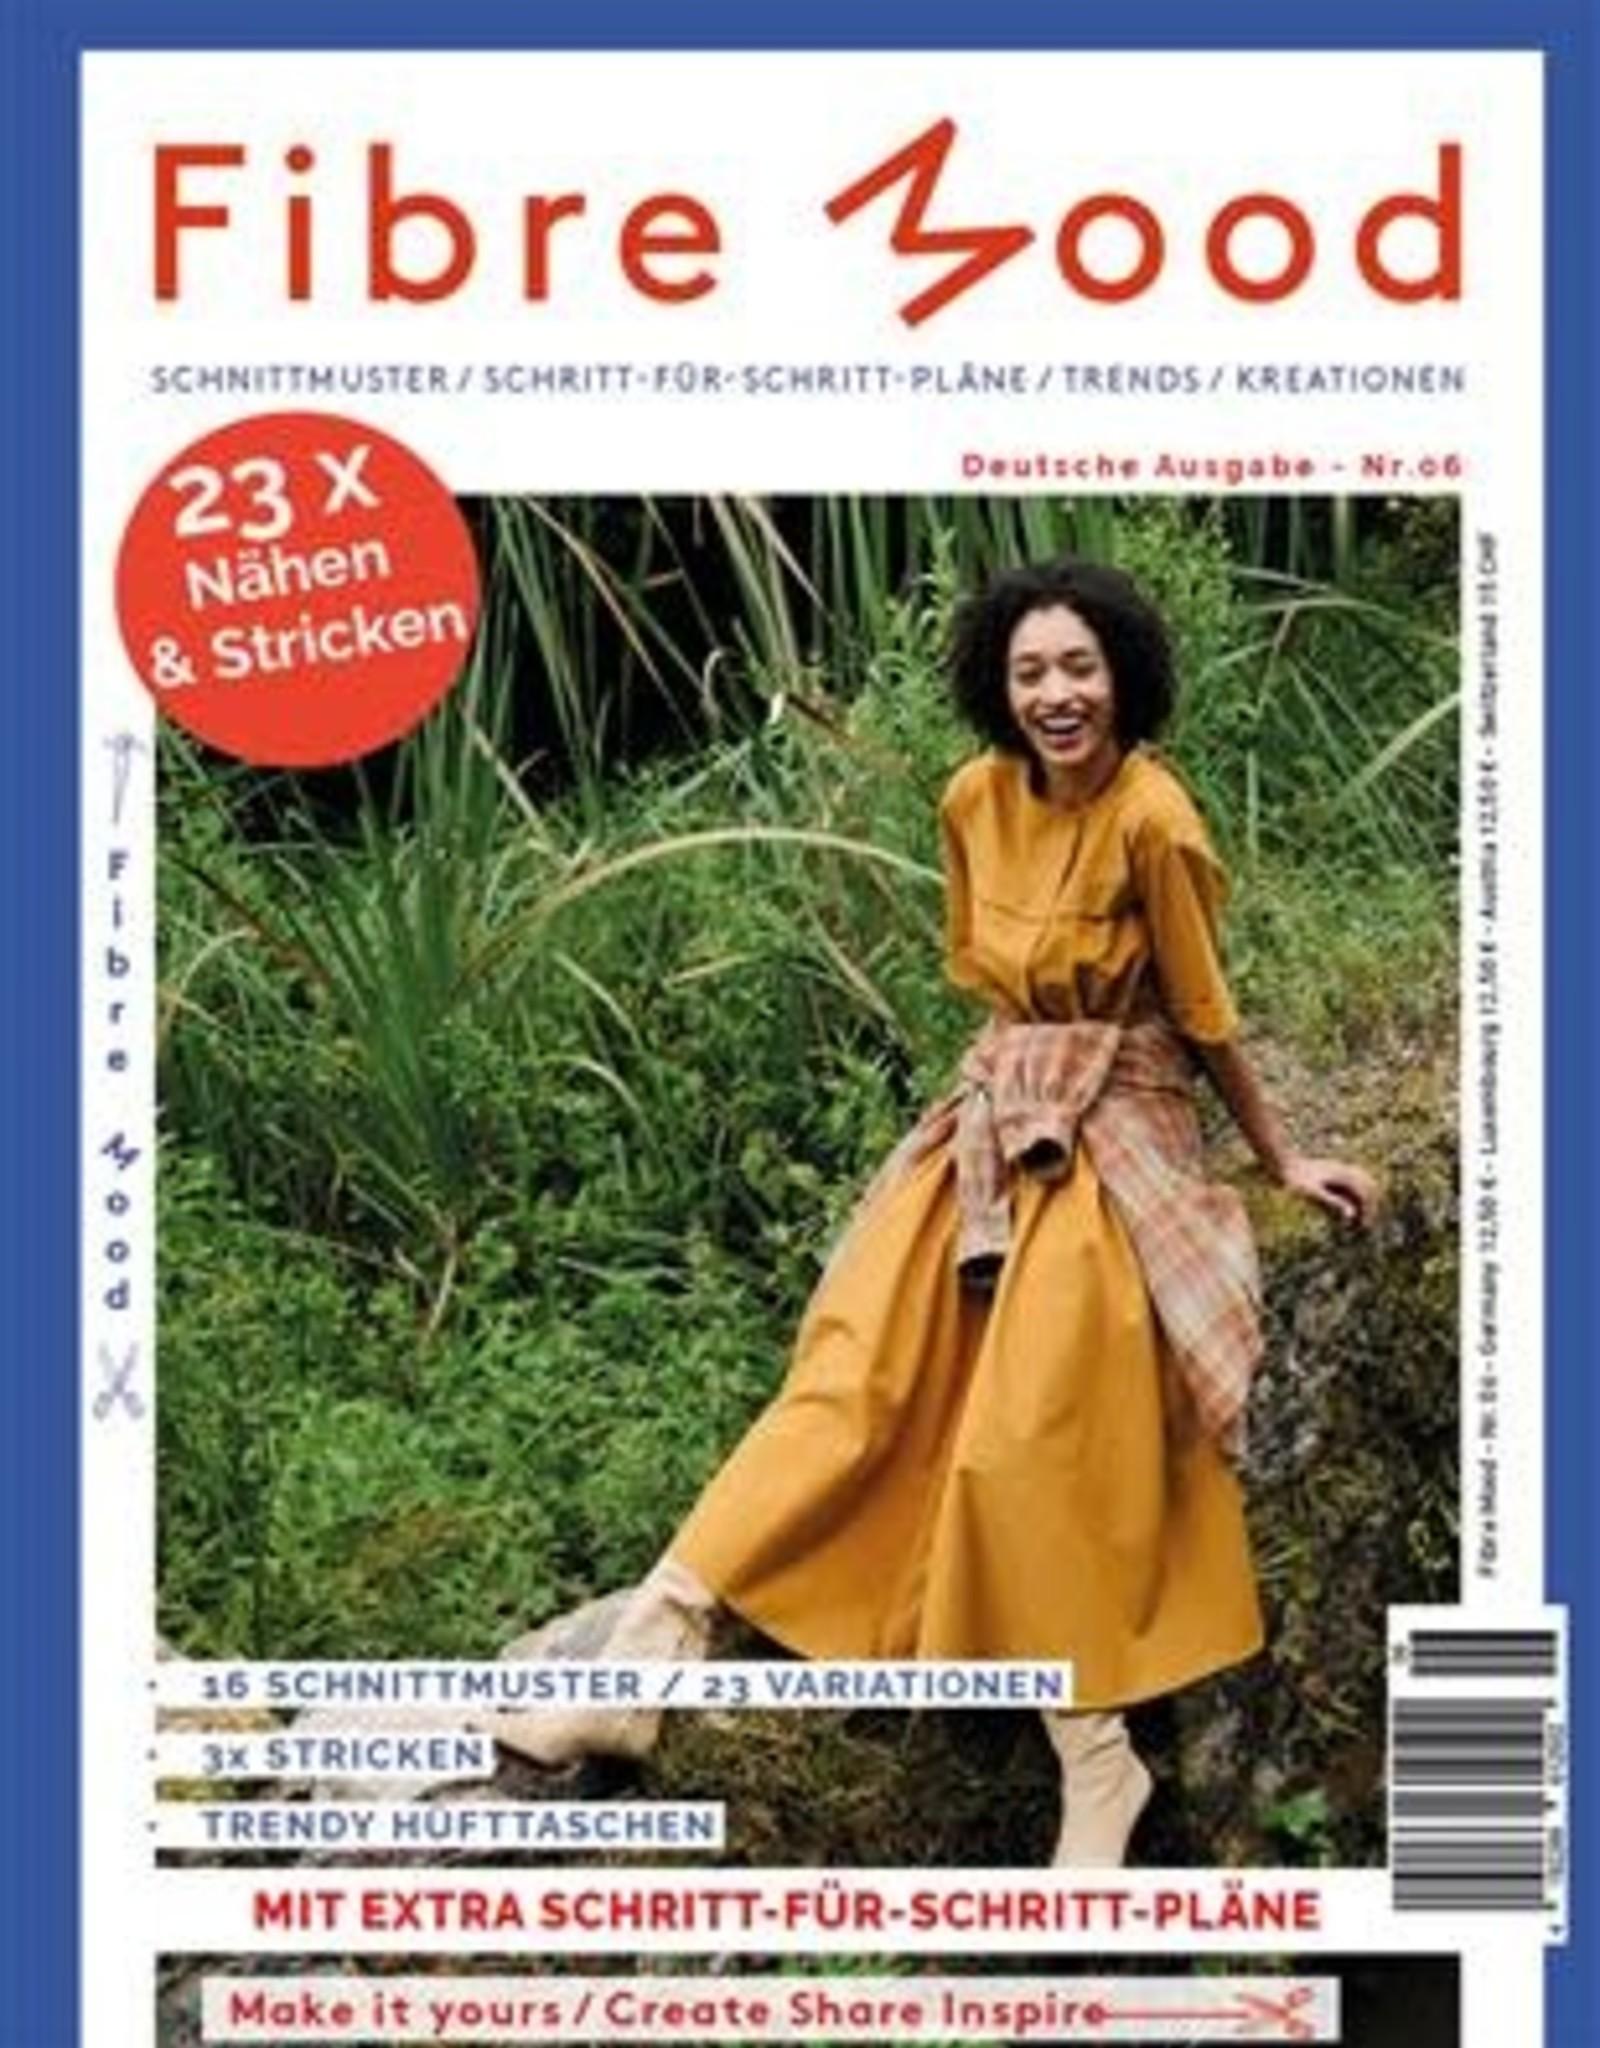 Fibre Mood Fibre Mood magazine editie 6